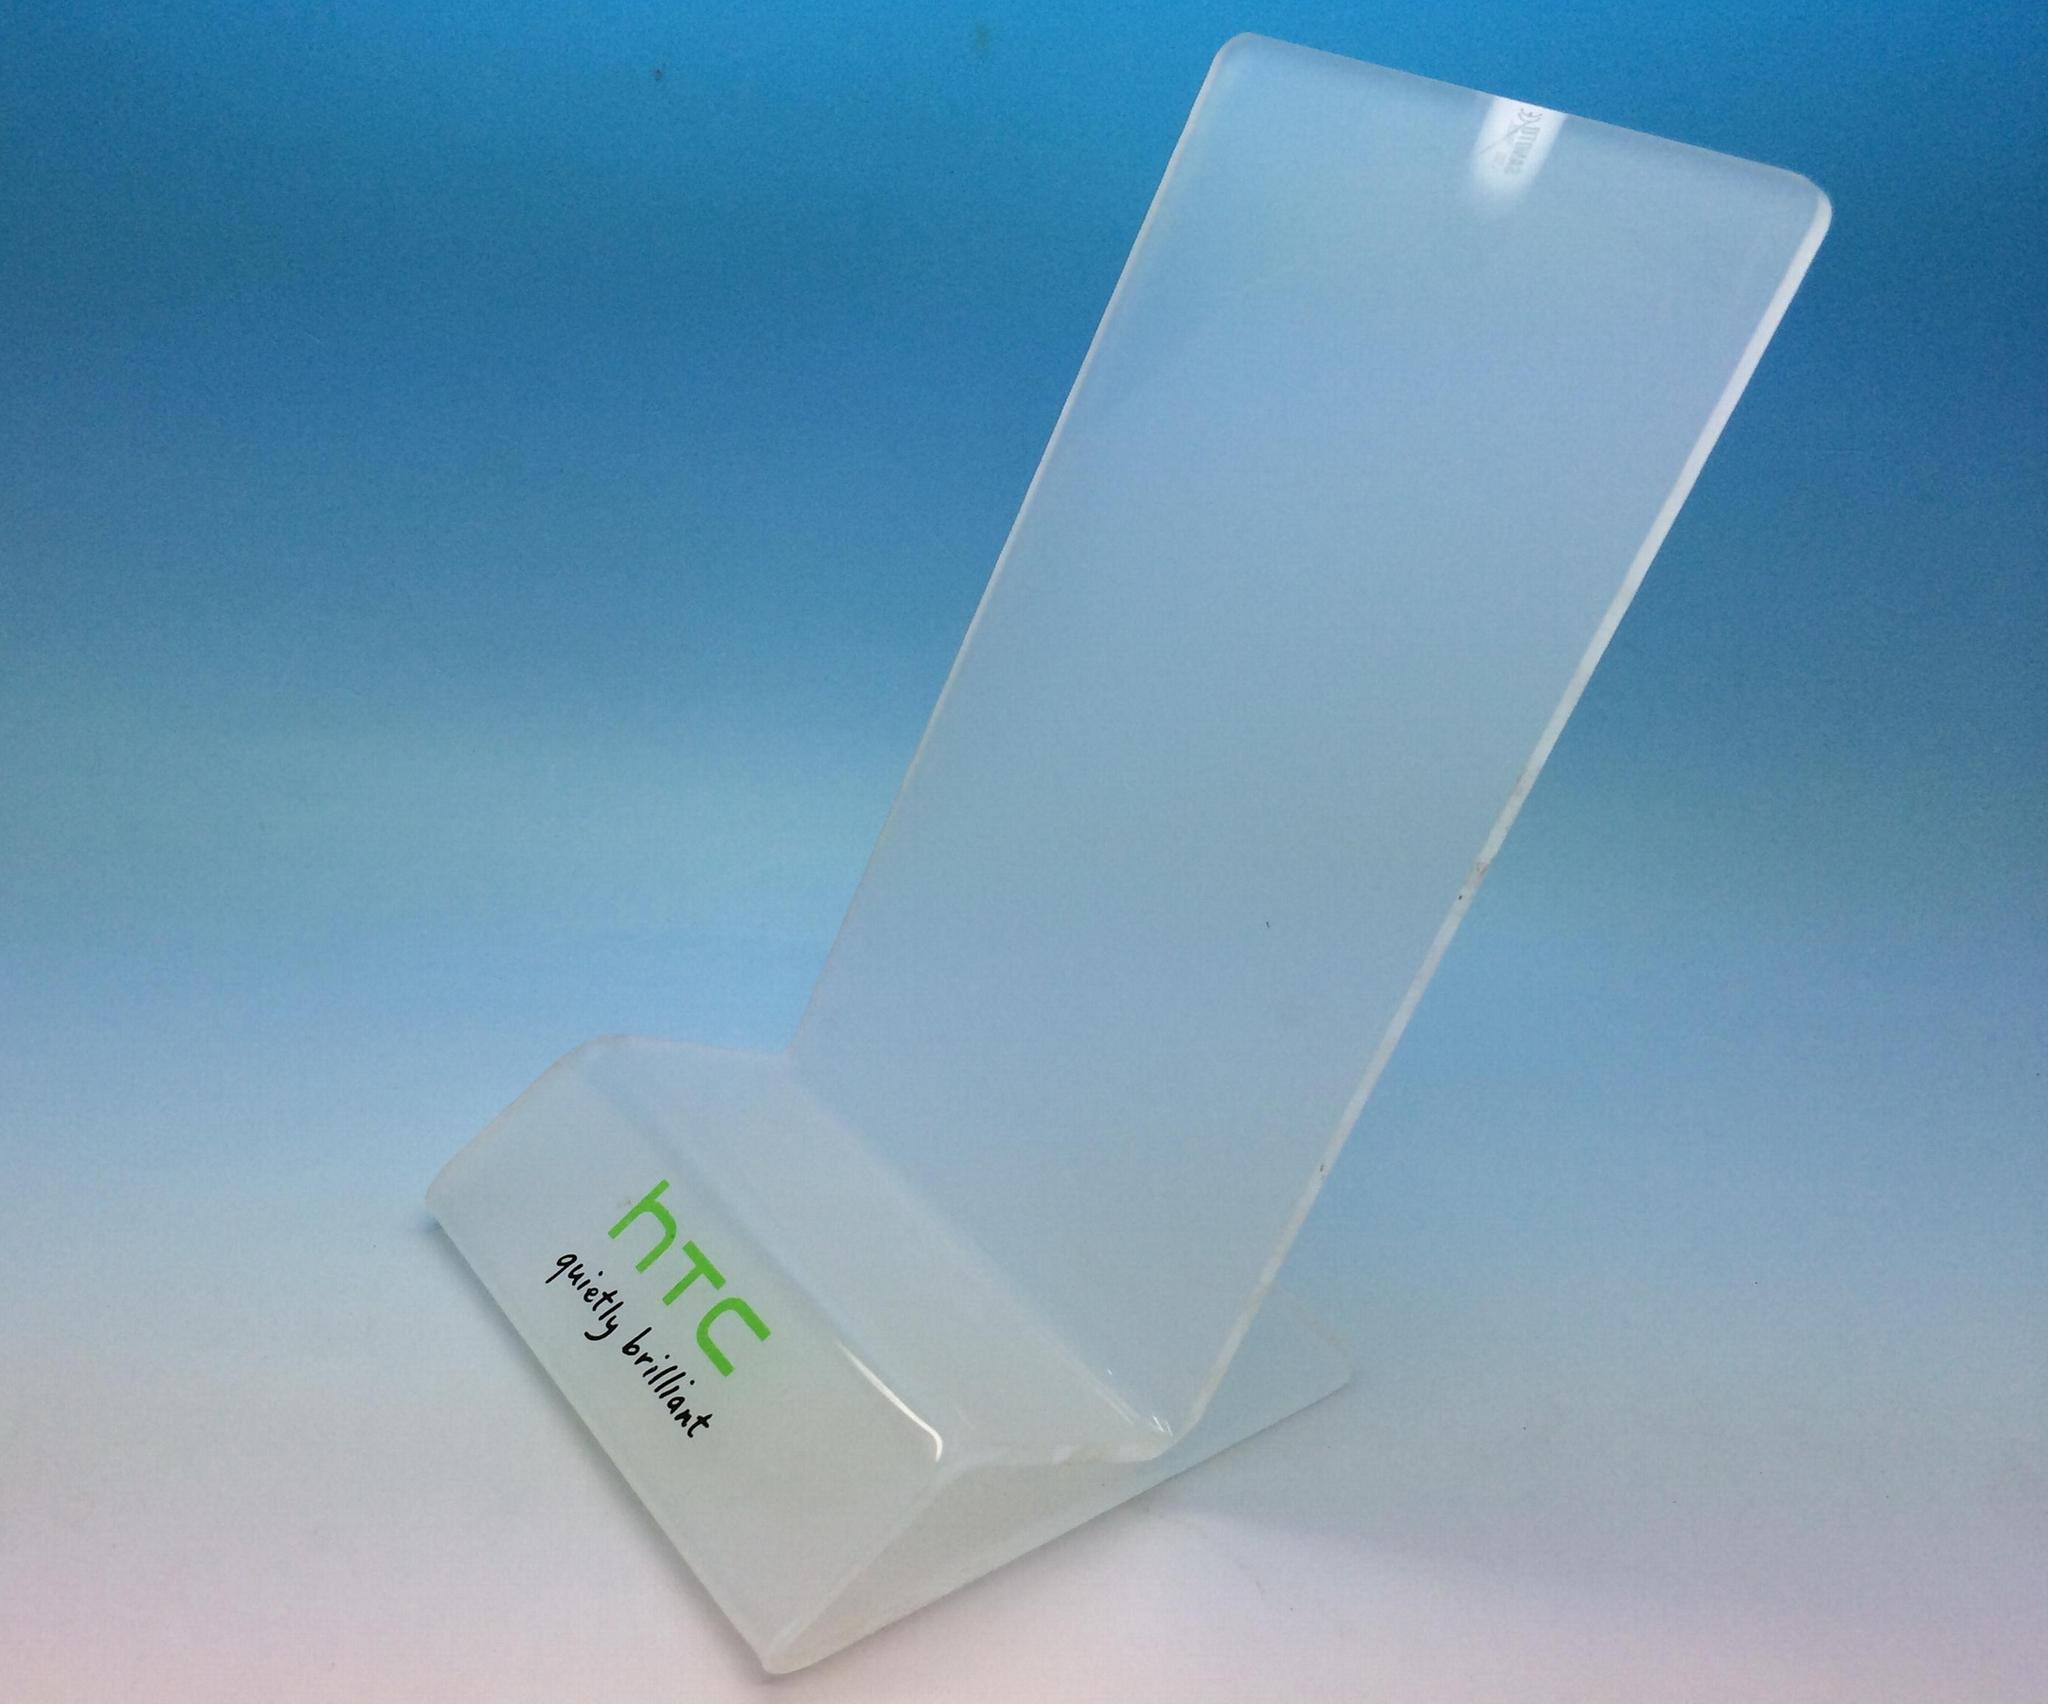 亞克力手機展示架 手機支架,亞克力透明手機展示架 5